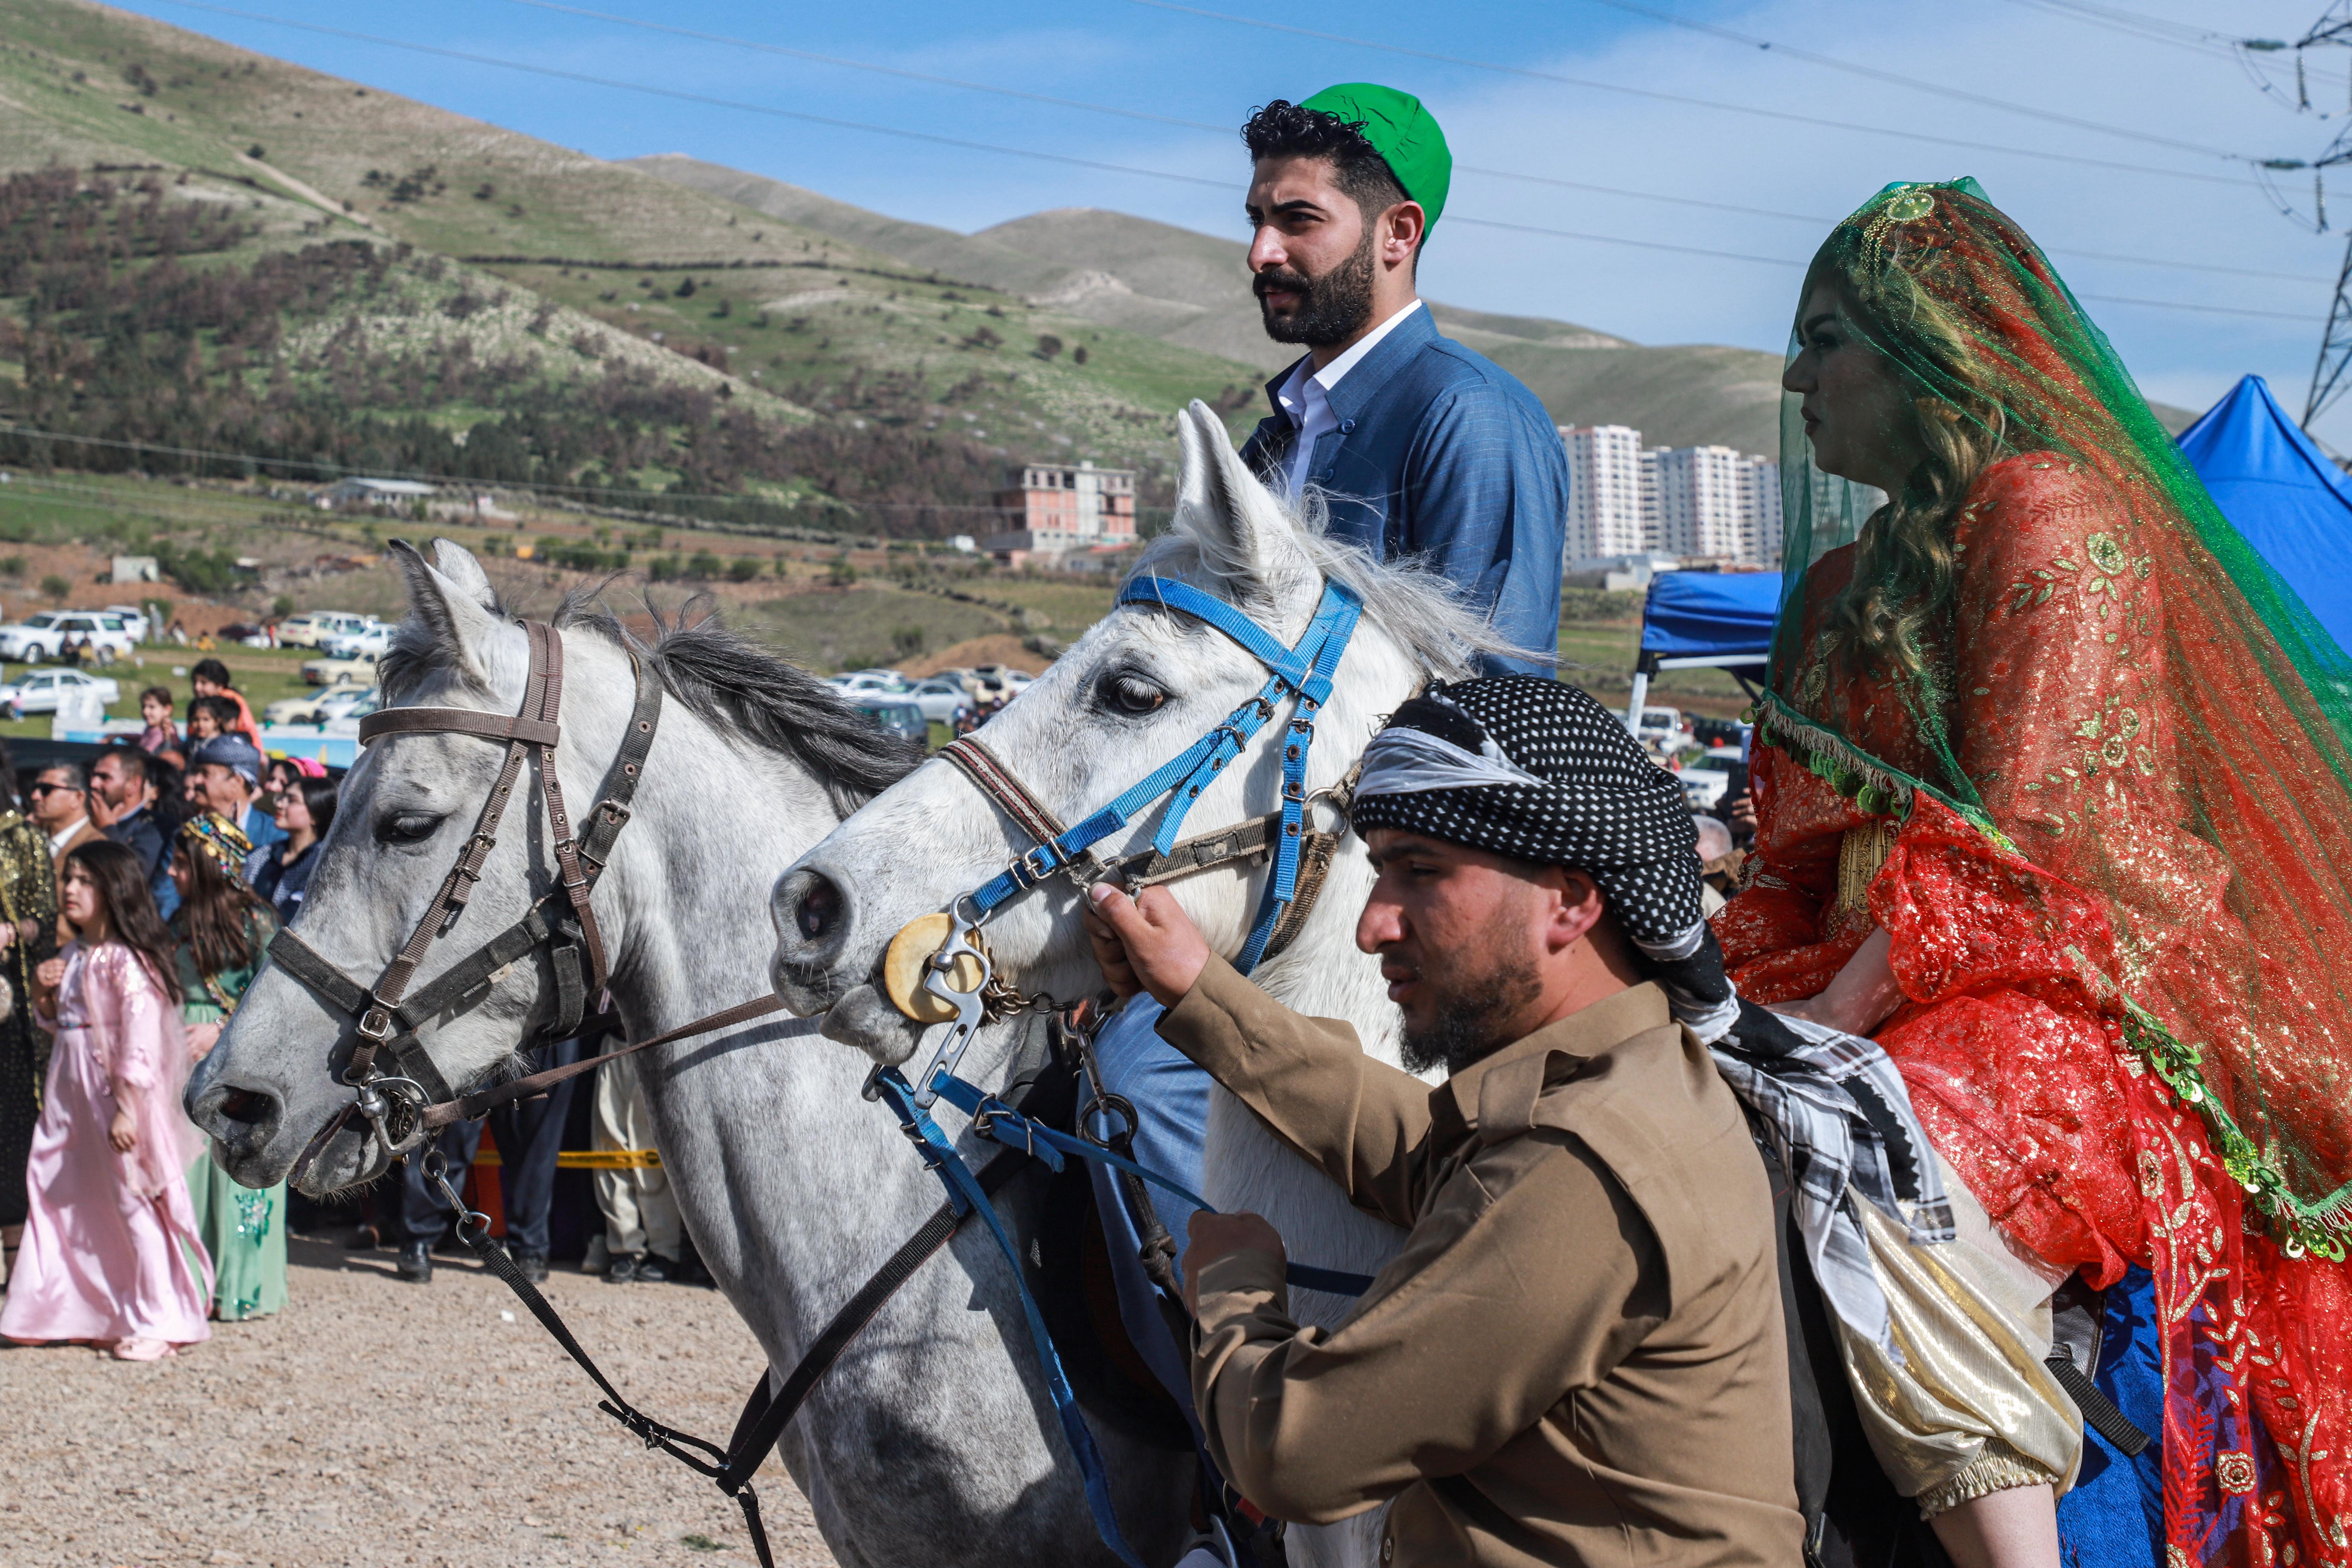 يرتدي الرجال والنساء ملابس زاهية وتصدح الموسيقى في المناطق التي يحتفل فيها بنوروز